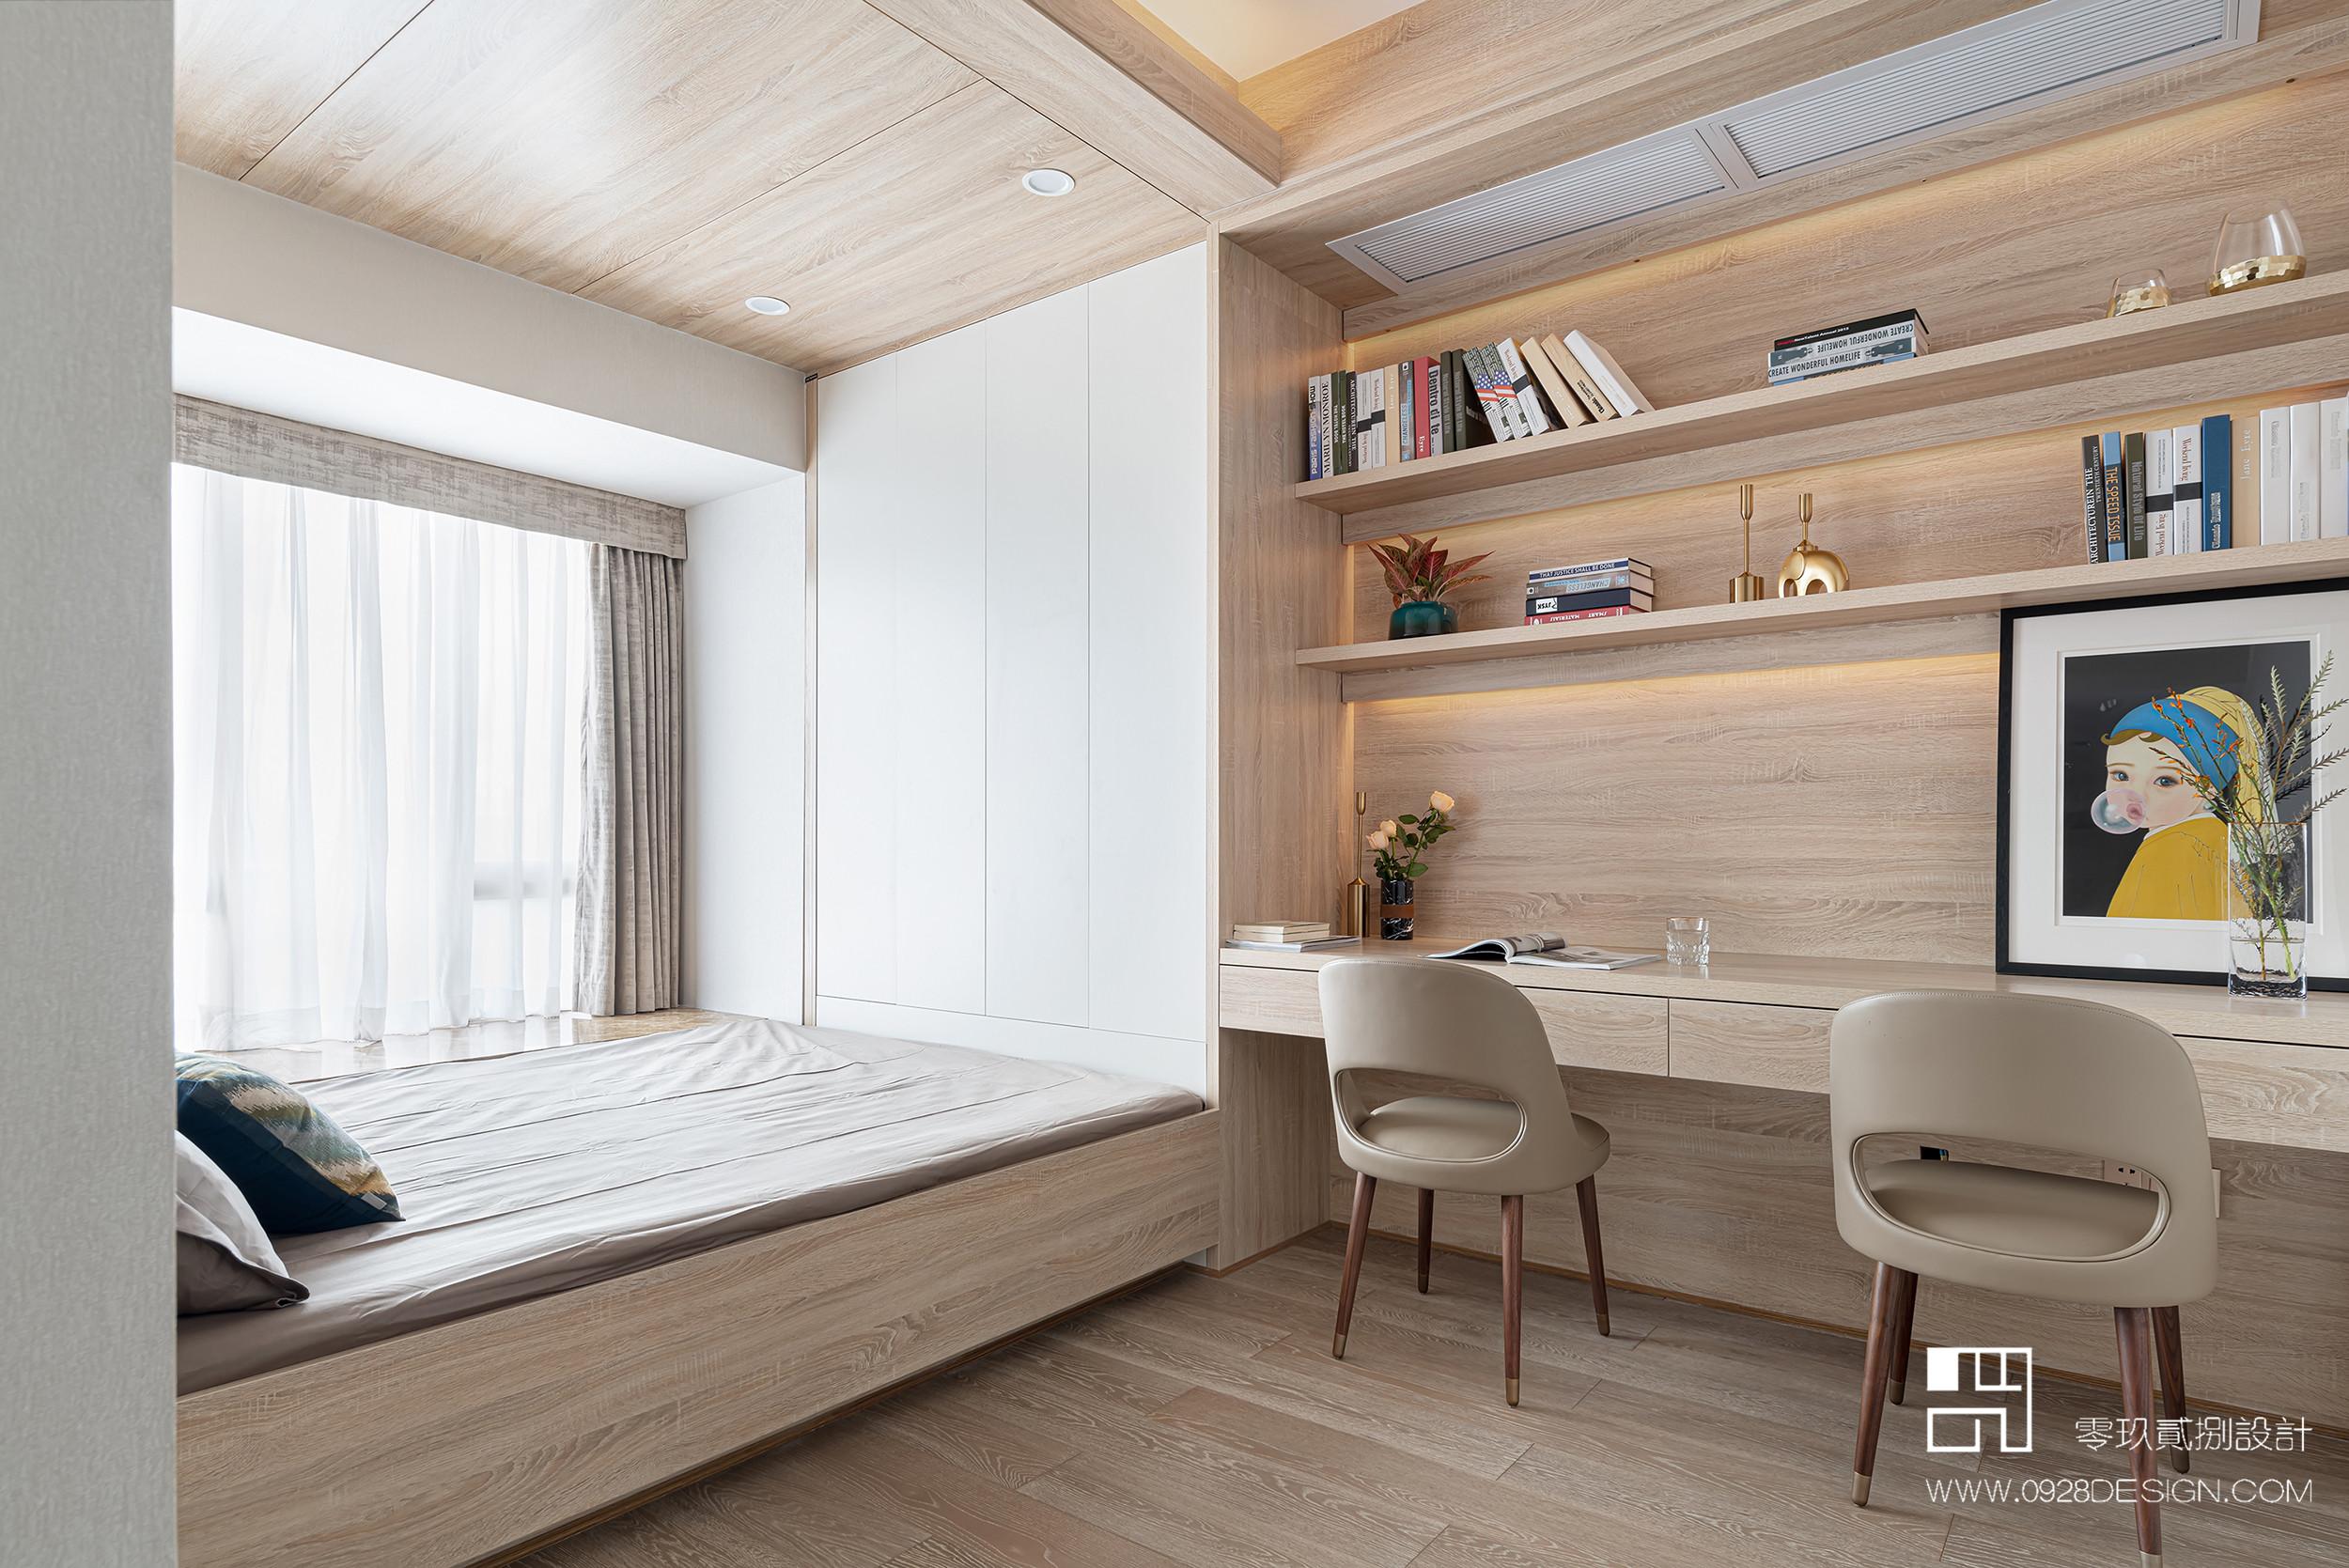 168平米现代风格榻榻米书房装修效果图